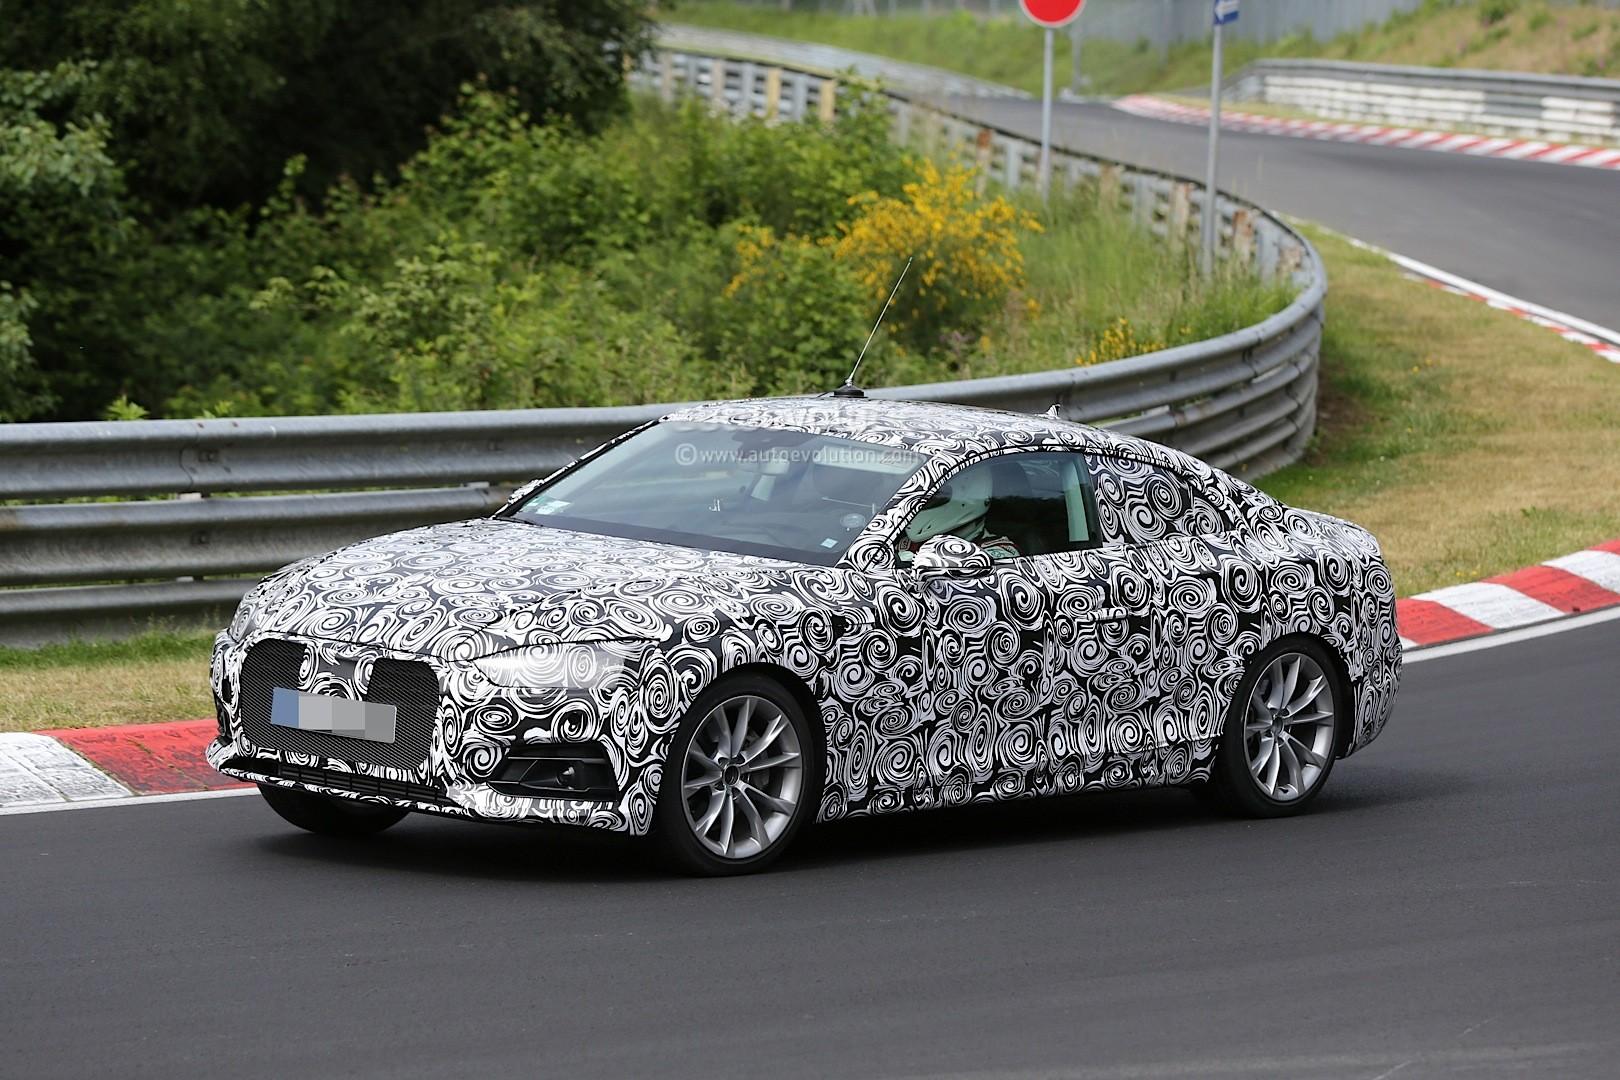 2016 - [Audi] A5 Coupé, Cabriolet et Sportback - Page 3 Spyshots-2017-audi-a5-coupe-begins-nurburgring-testing_11